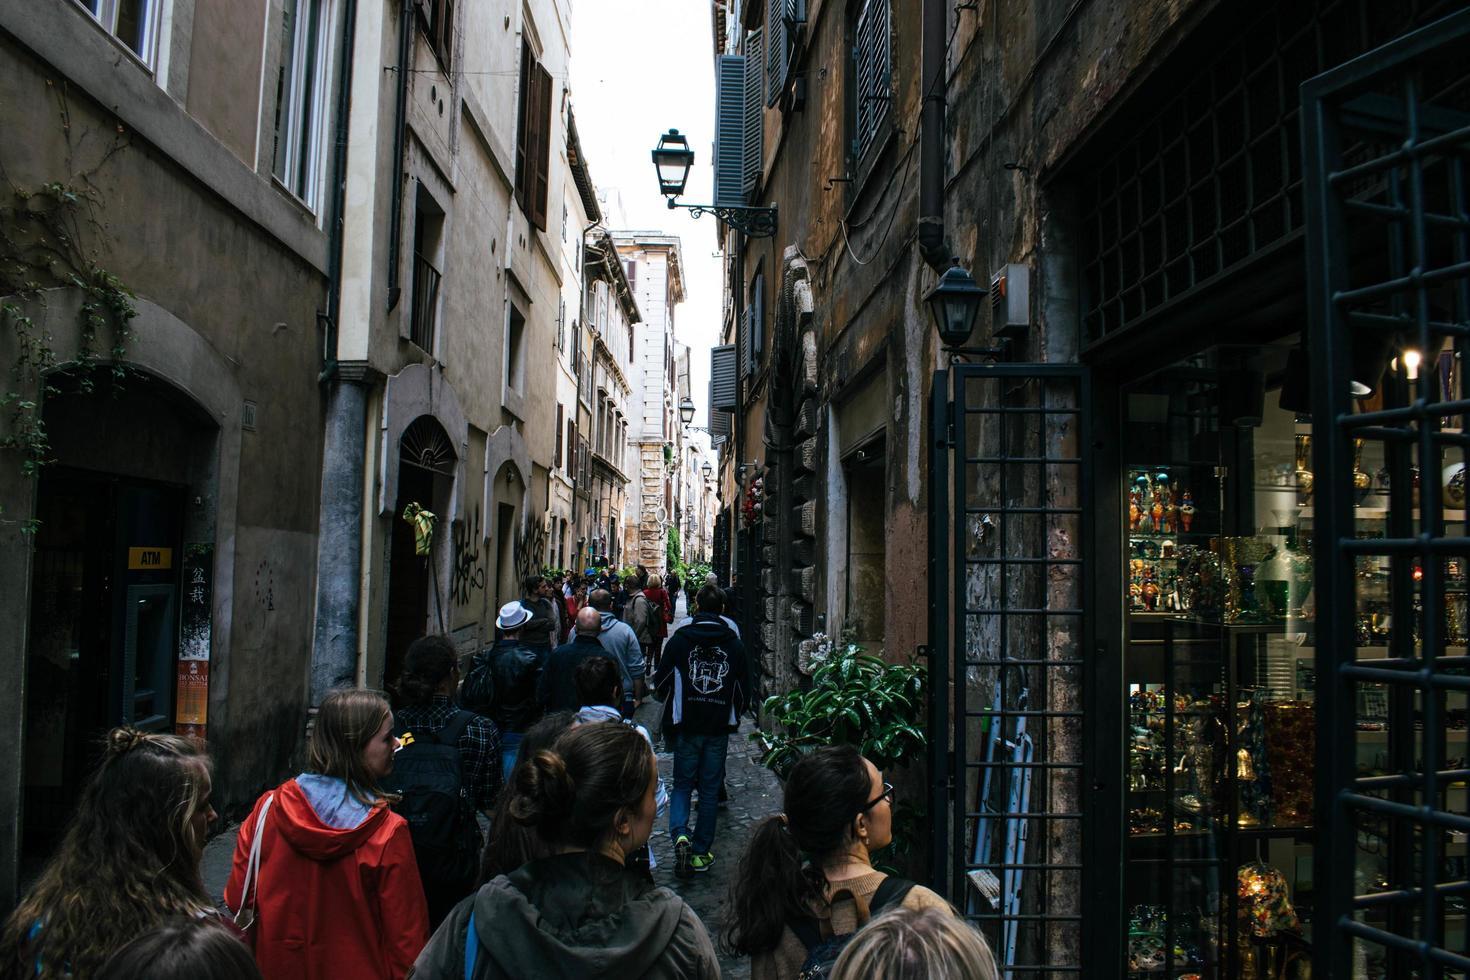 Bruselas, Bélgica, 2020 - gente caminando en un callejón foto